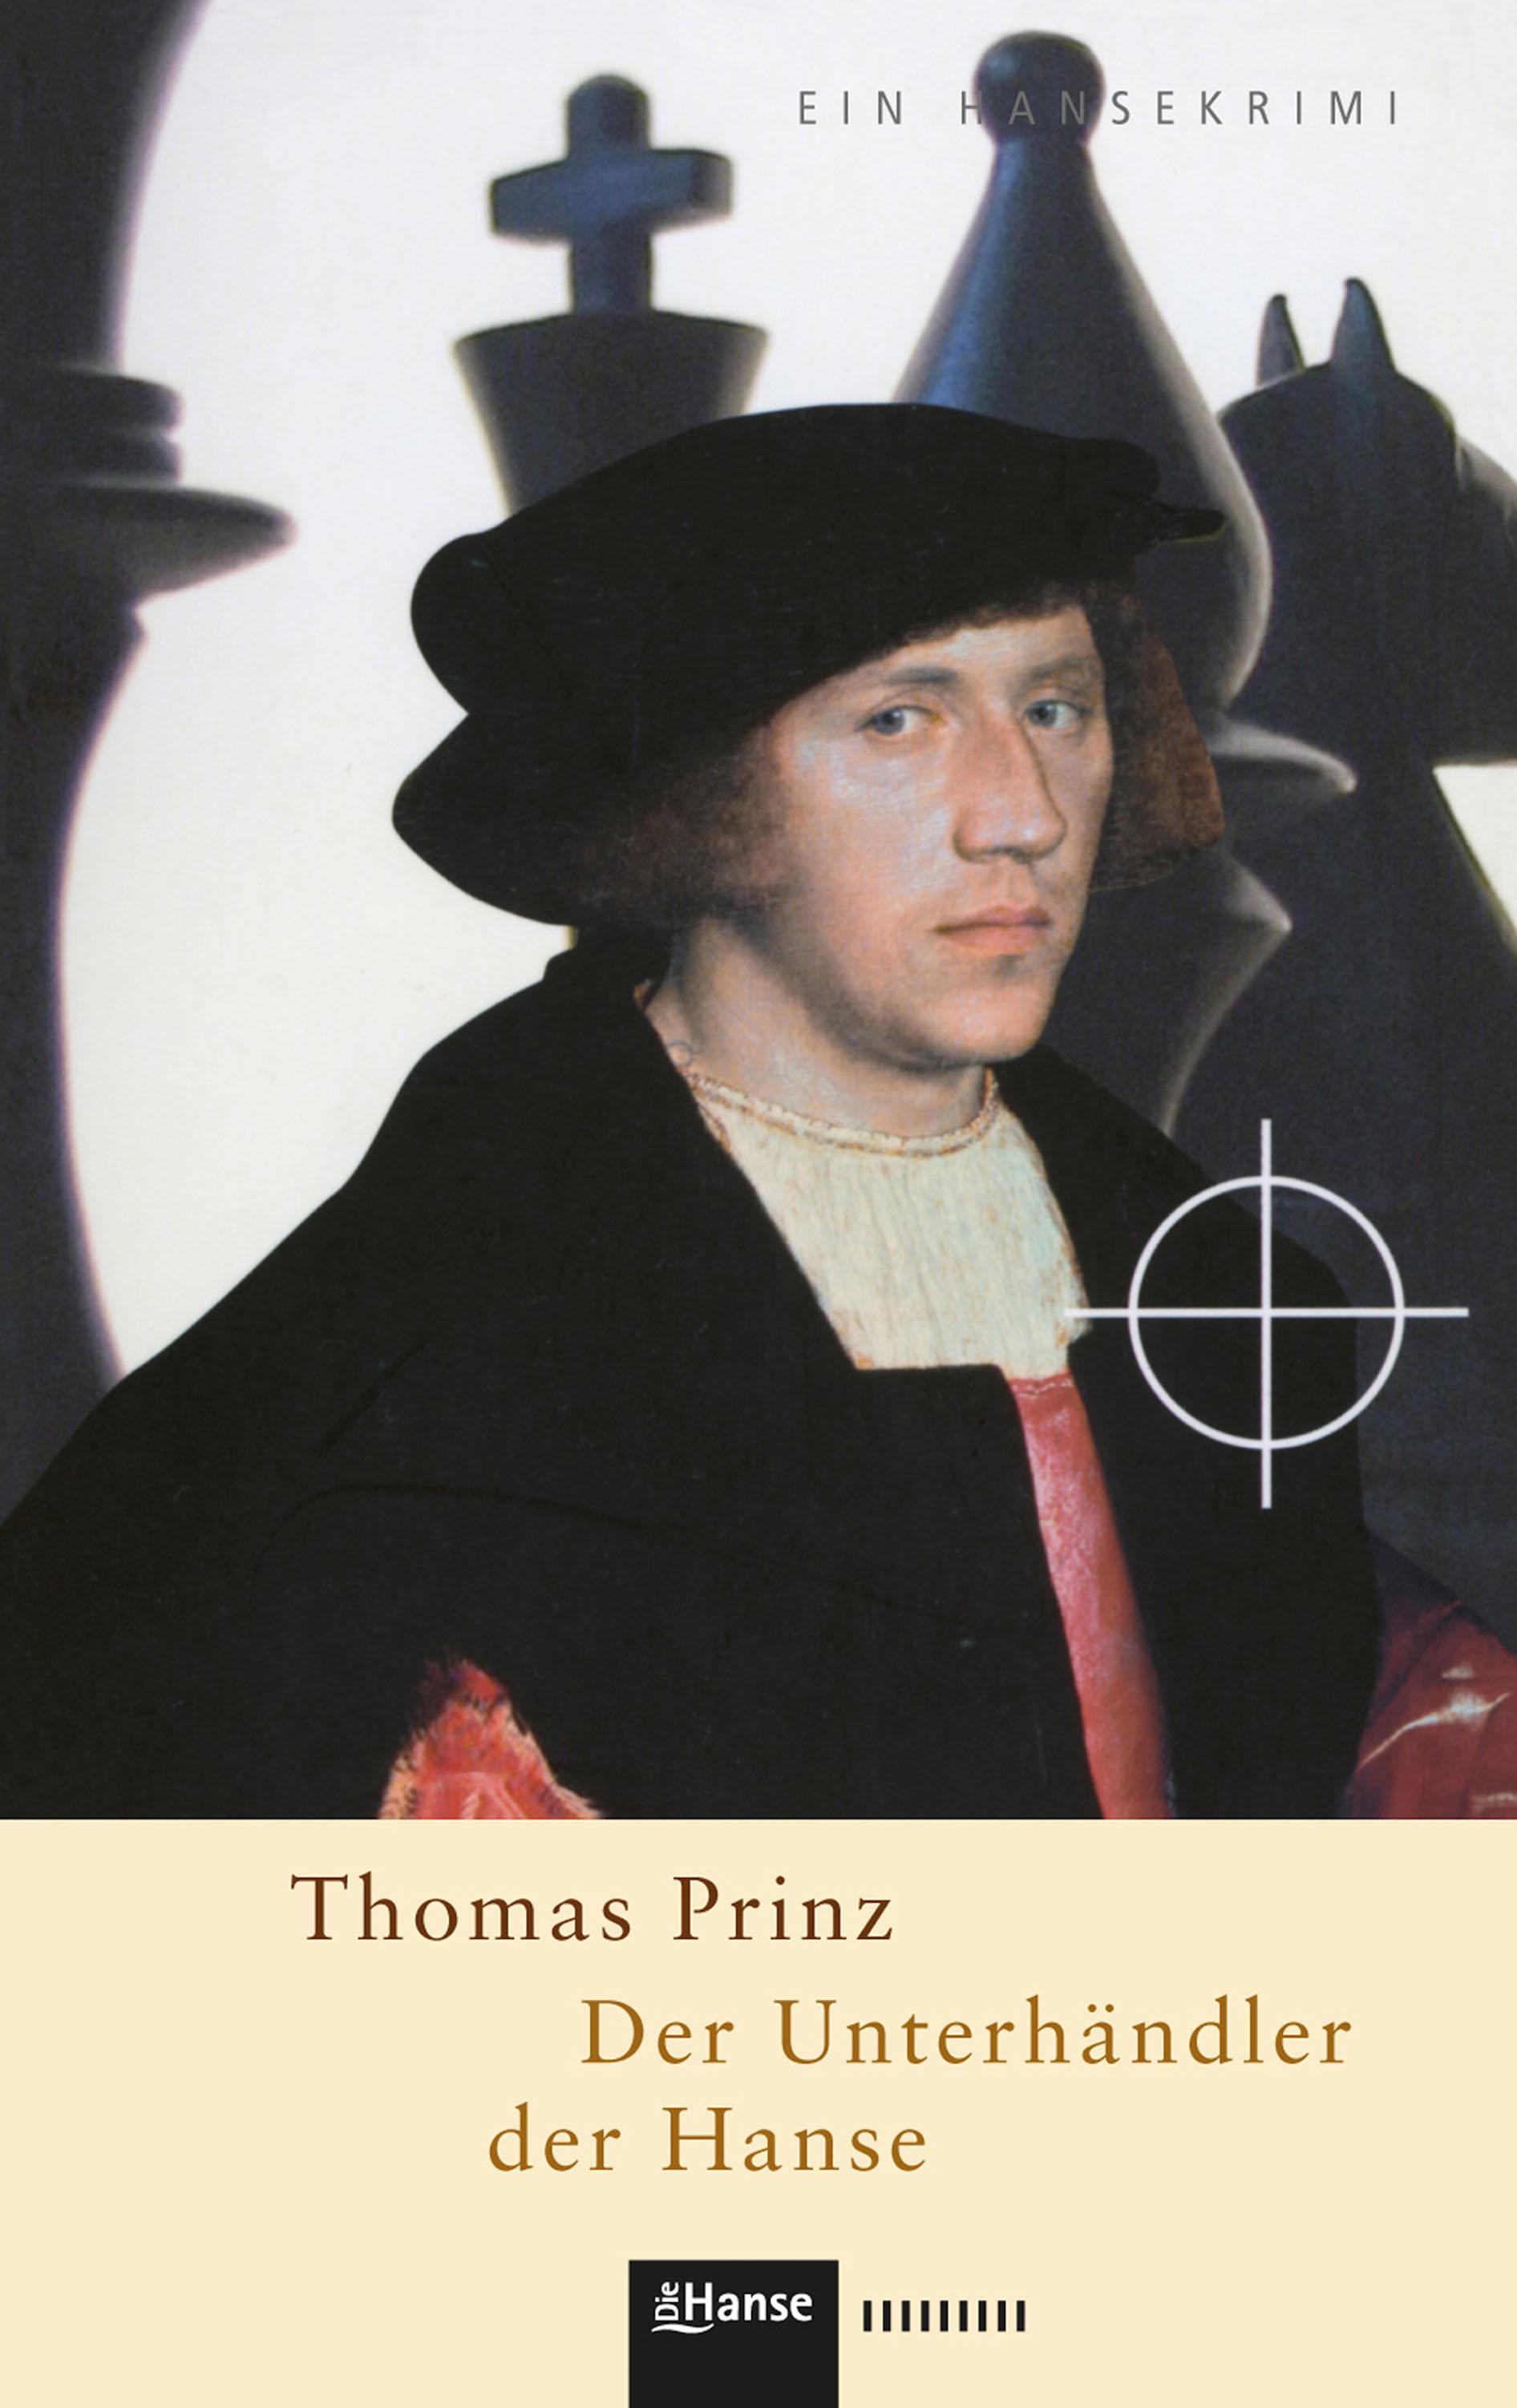 Thomas Prinz Der Unterhändler der Hanse